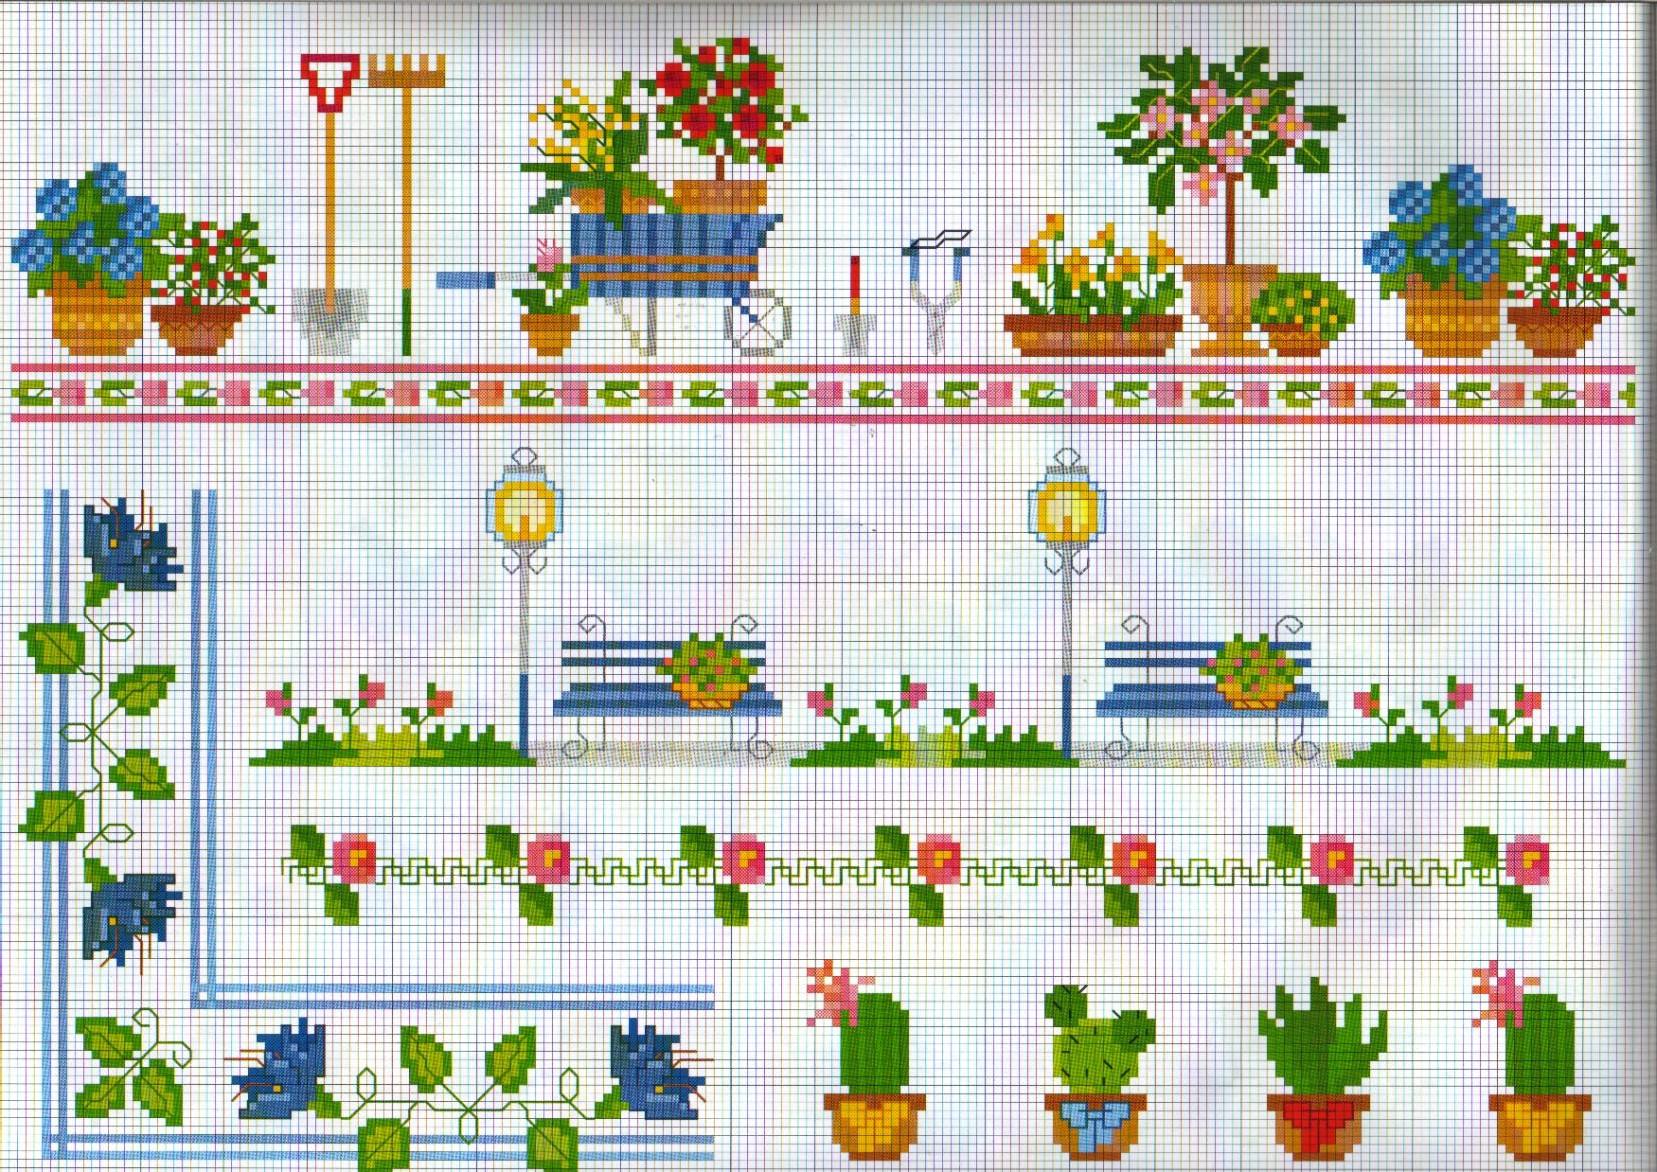 Bordure giardino punto croce uncinetto - Punto jardin ...